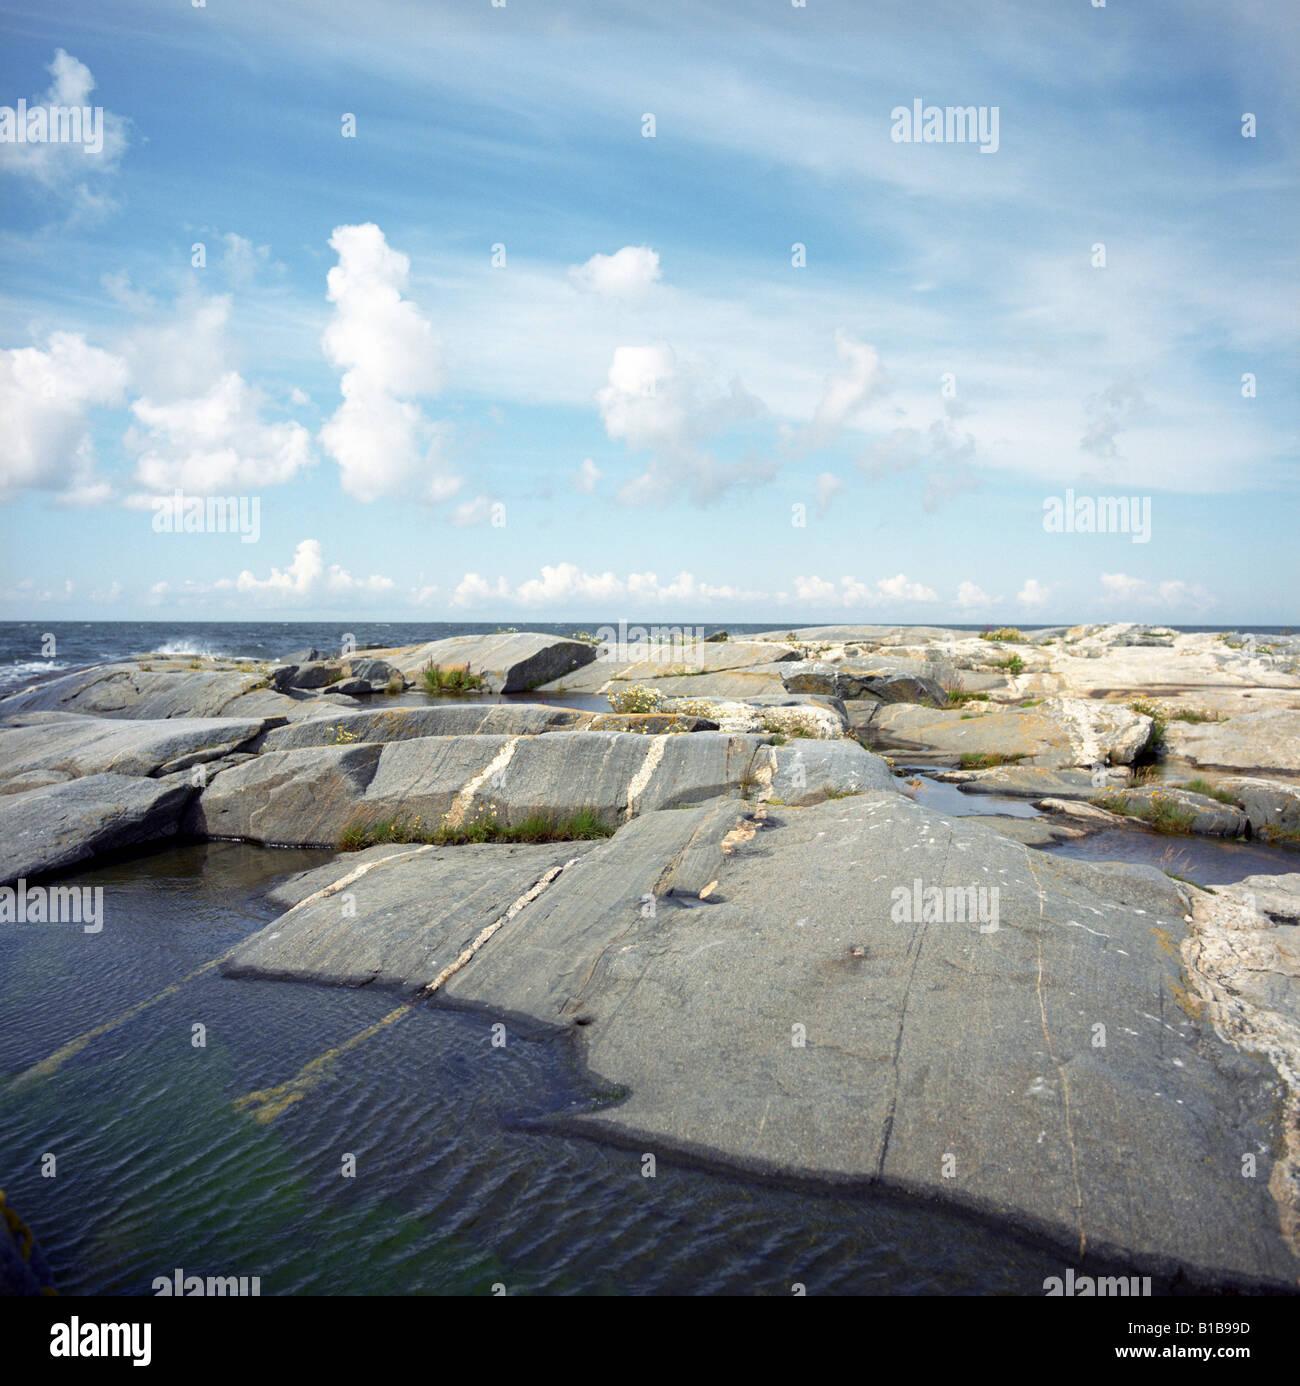 Finland, Lghthouse Island, rocky coast - Stock Image